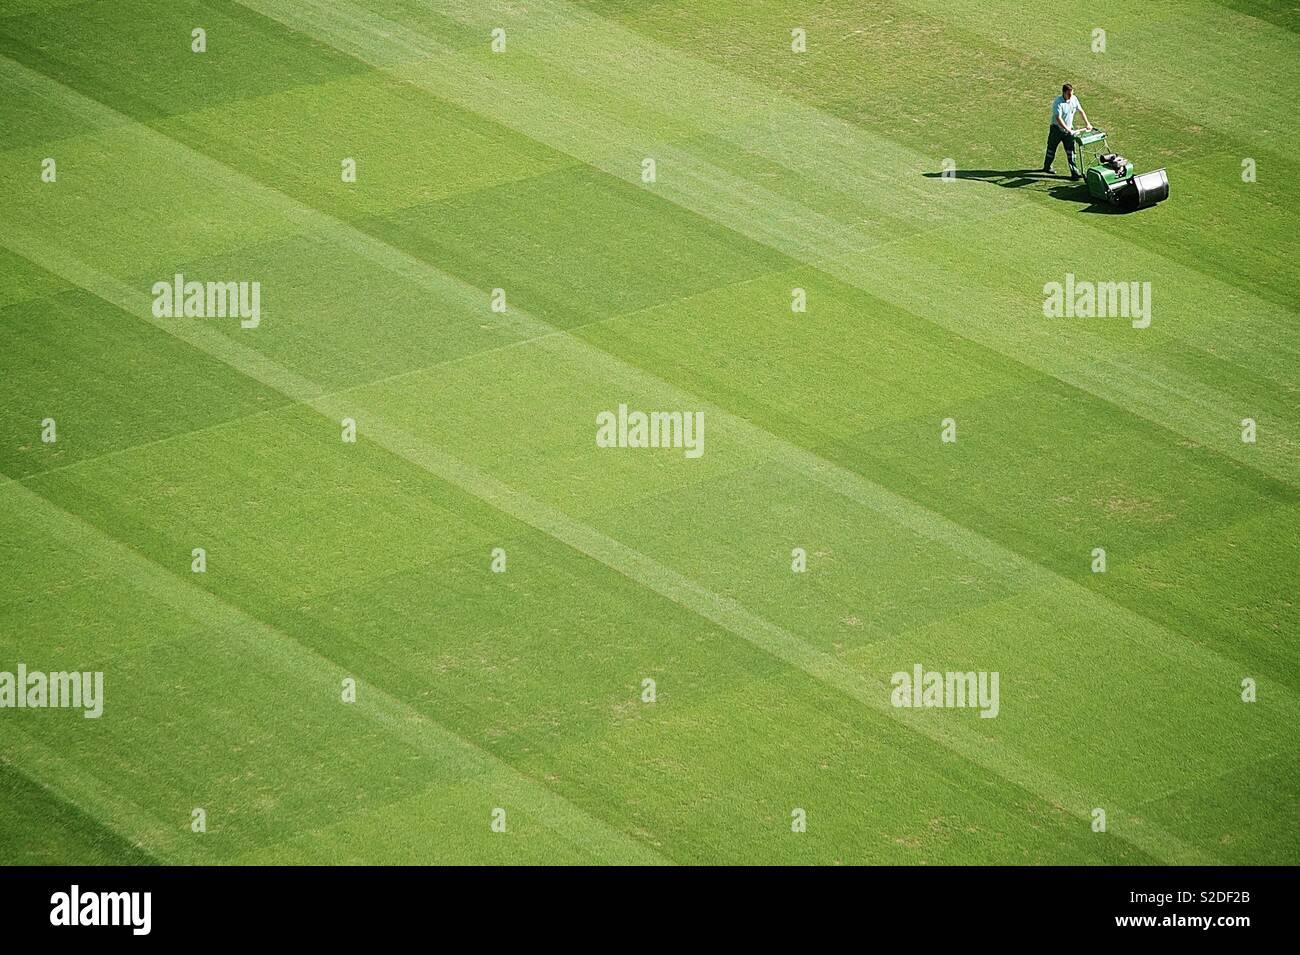 Um groundsman corta a grama. Imagens de Stock